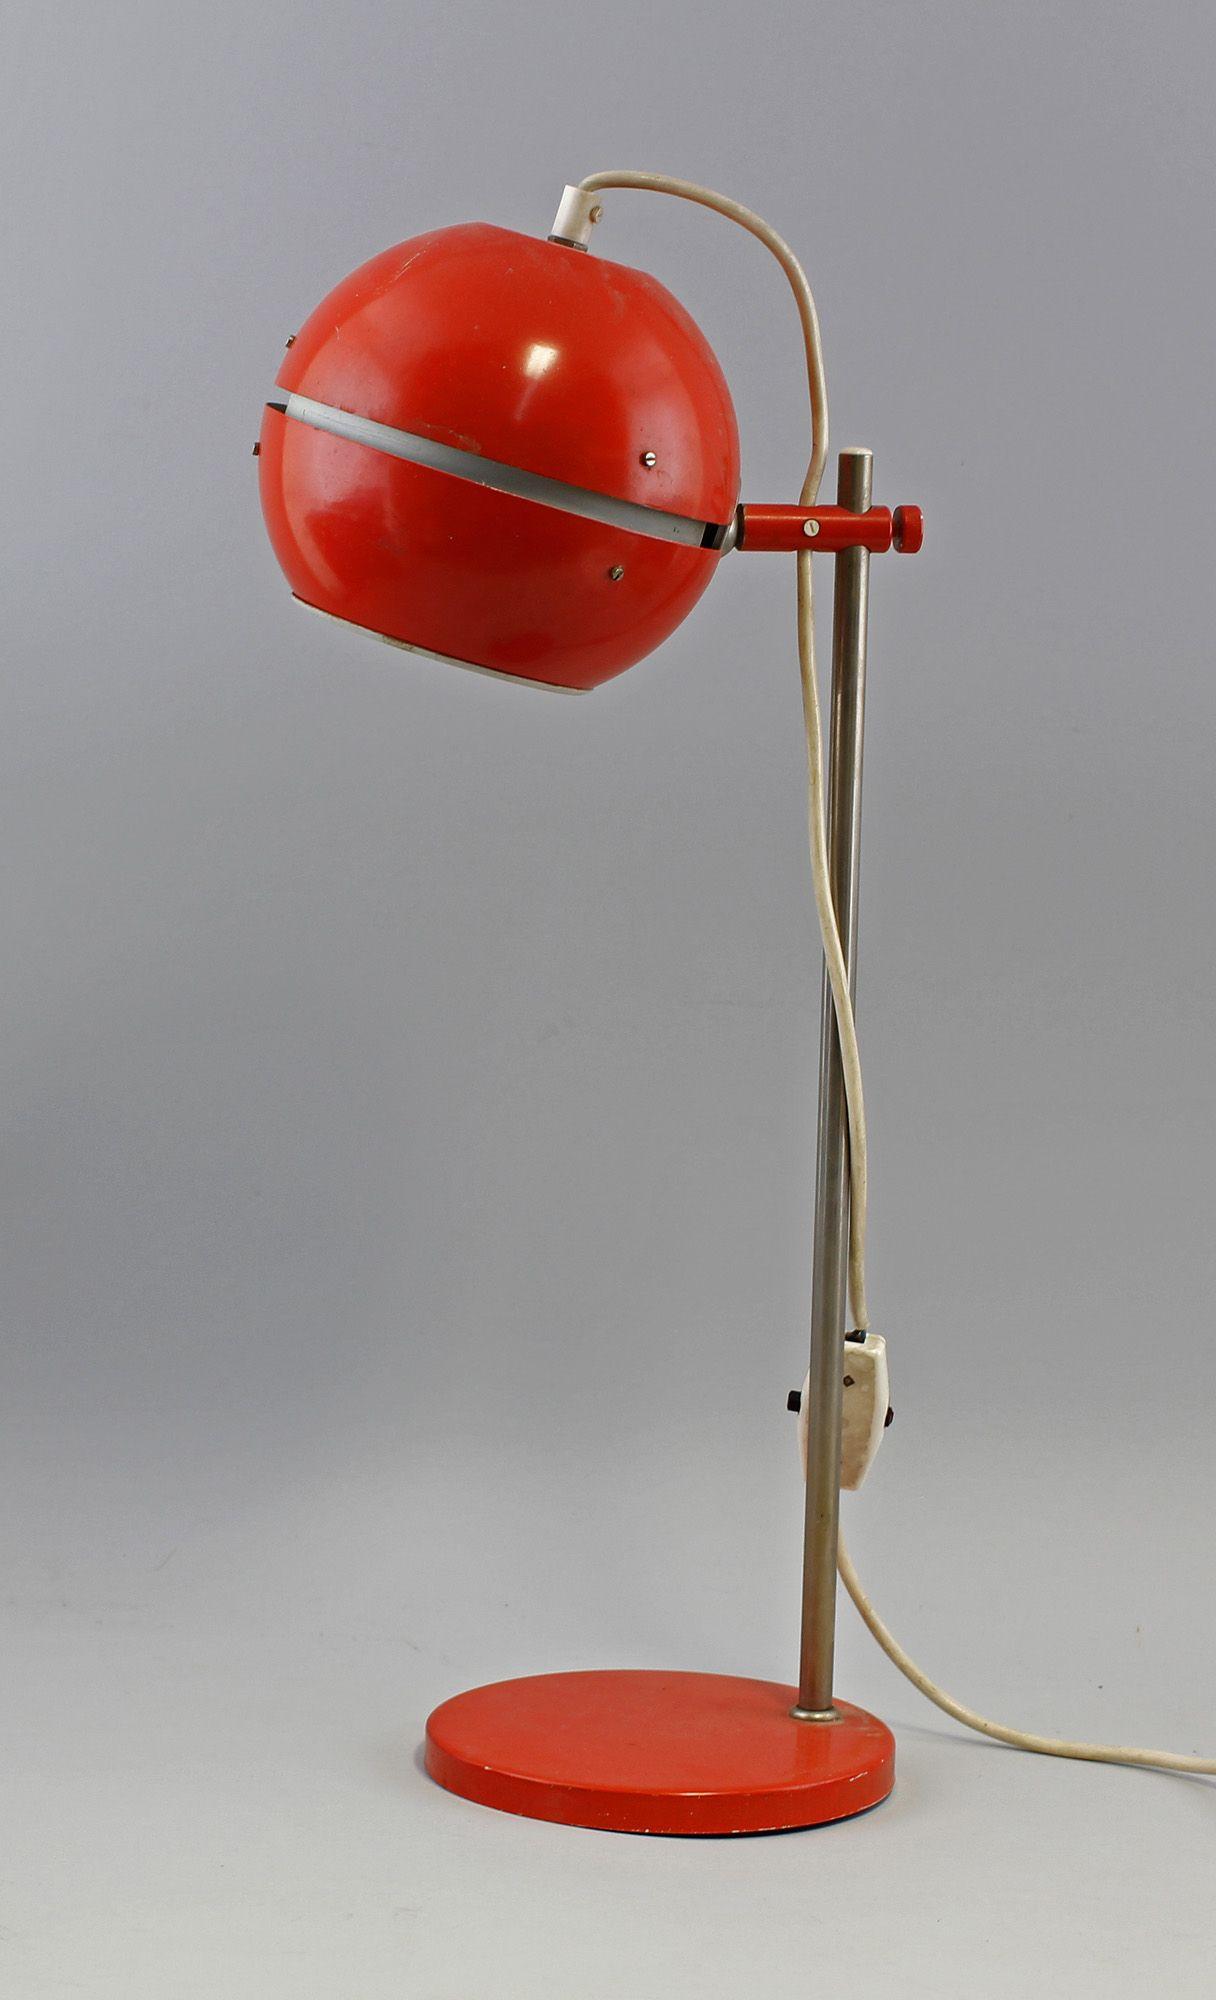 kult lampe ddr 70er jahre kugel schreibtischlampe 7368010 ebay lampen pinterest. Black Bedroom Furniture Sets. Home Design Ideas